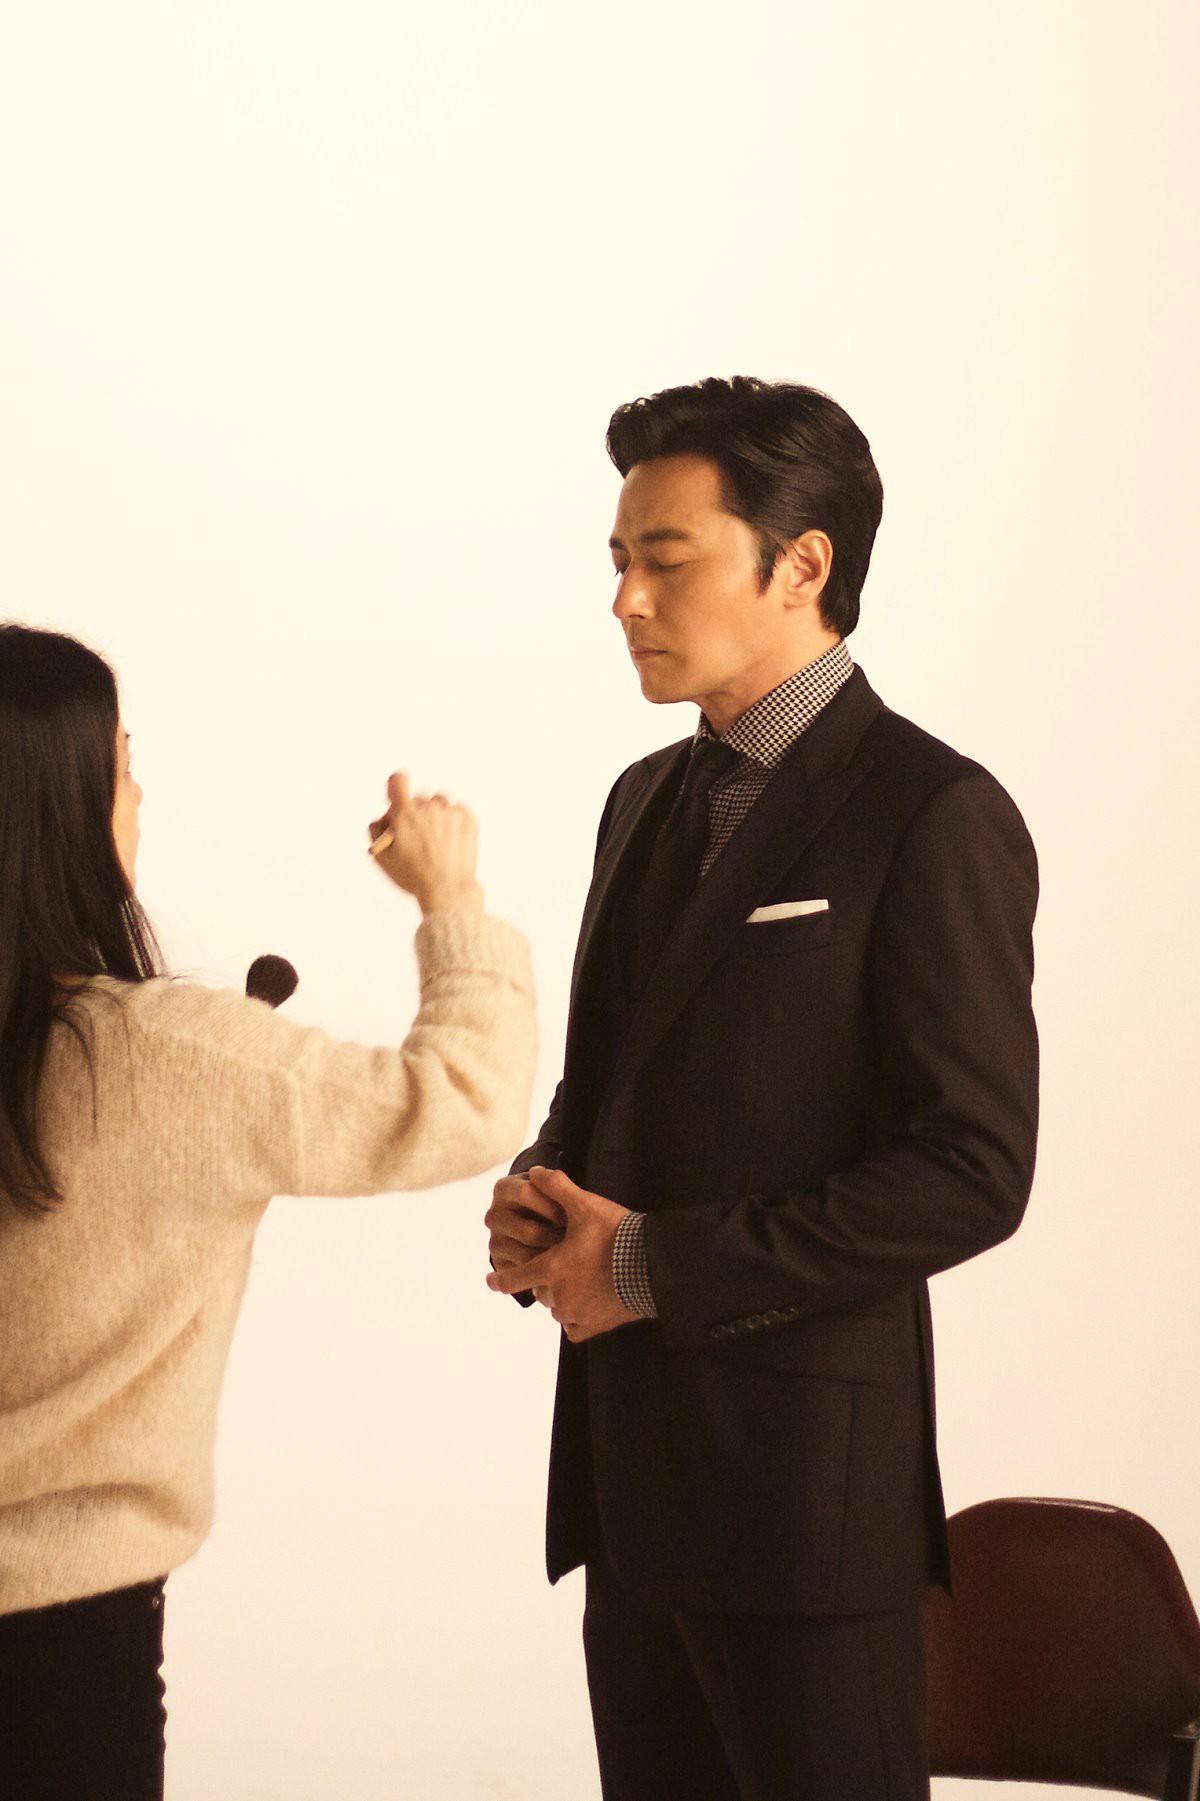 Choáng với ảnh hậu trường của tài tử Jang Dong Gun: Có ai da nhăn nheo nhưng vẫn đẹp cực phẩm như thế này? - Ảnh 14.